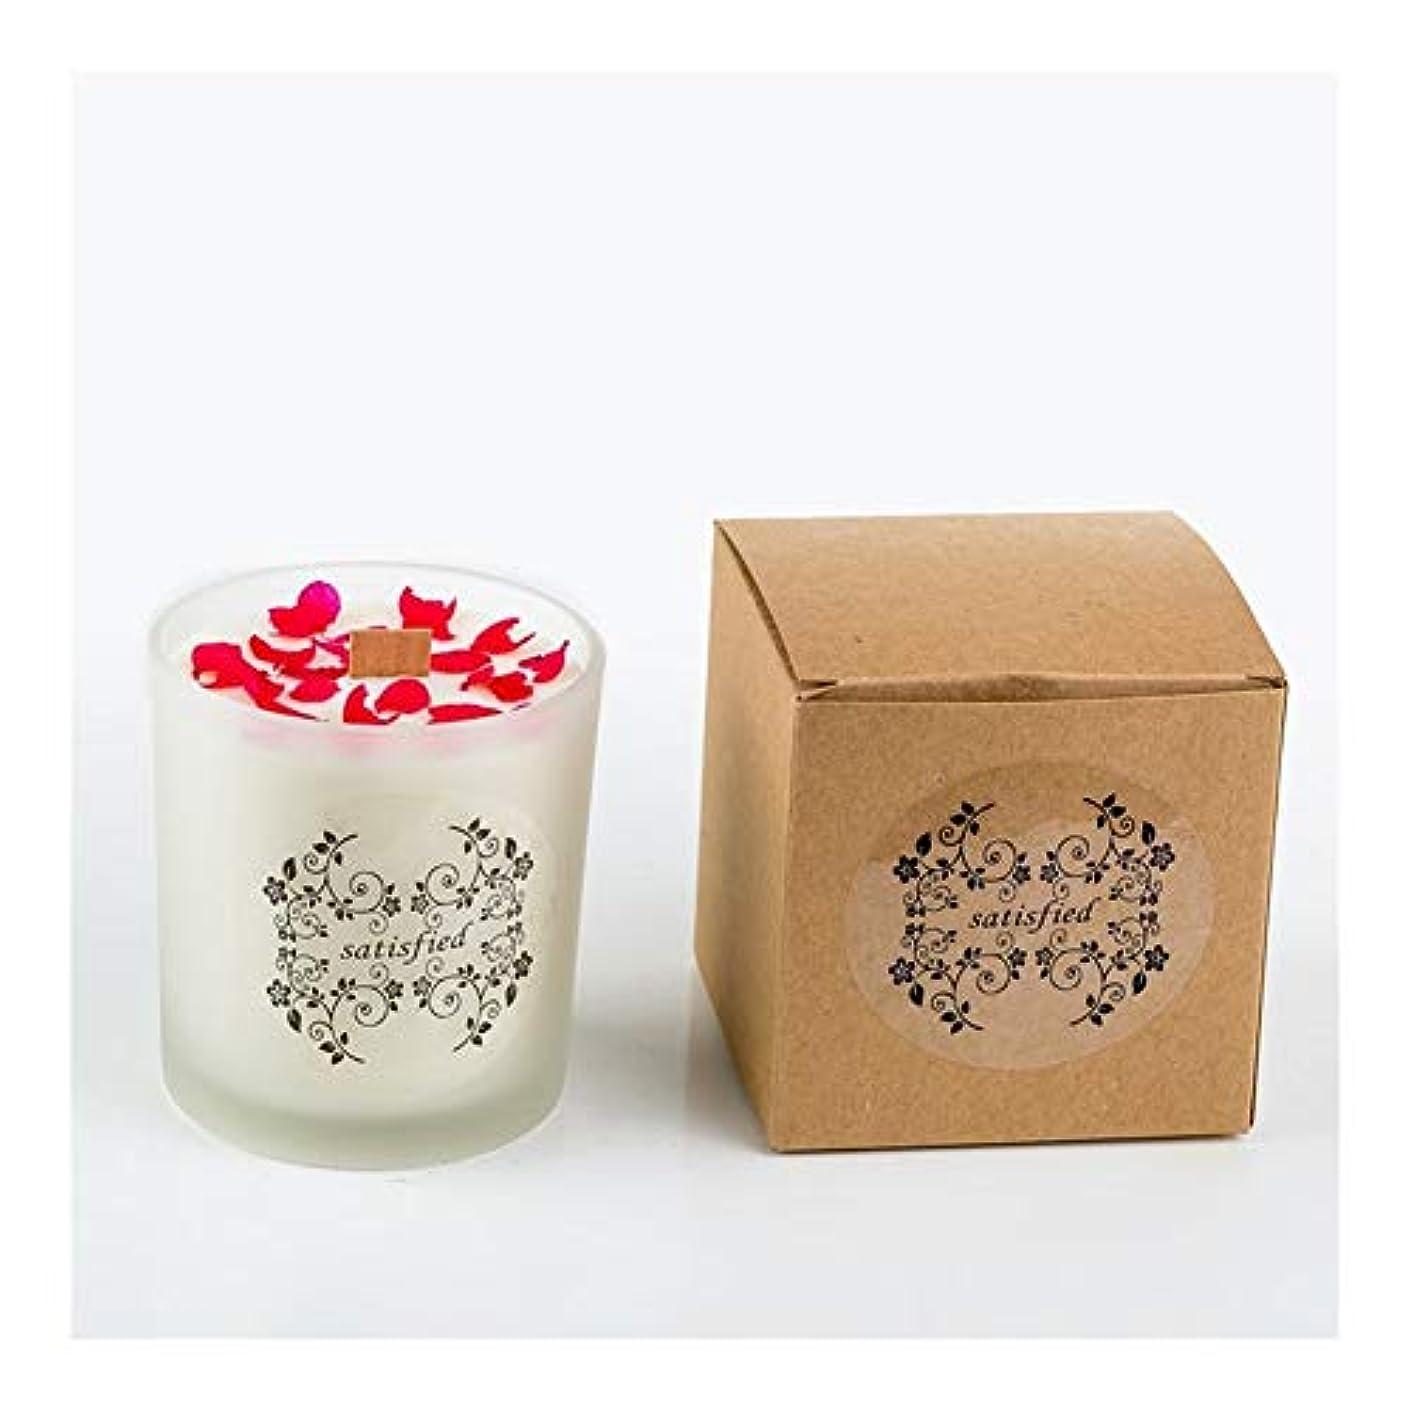 軽く誘惑する森林Ztian ロマンチックな香りのキャンドルエッセンシャルオイル大豆ワックスガラスアロマセラピーロマンチックな誕生日ギフトの提案無煙の香り (色 : Xiang Xuelan)